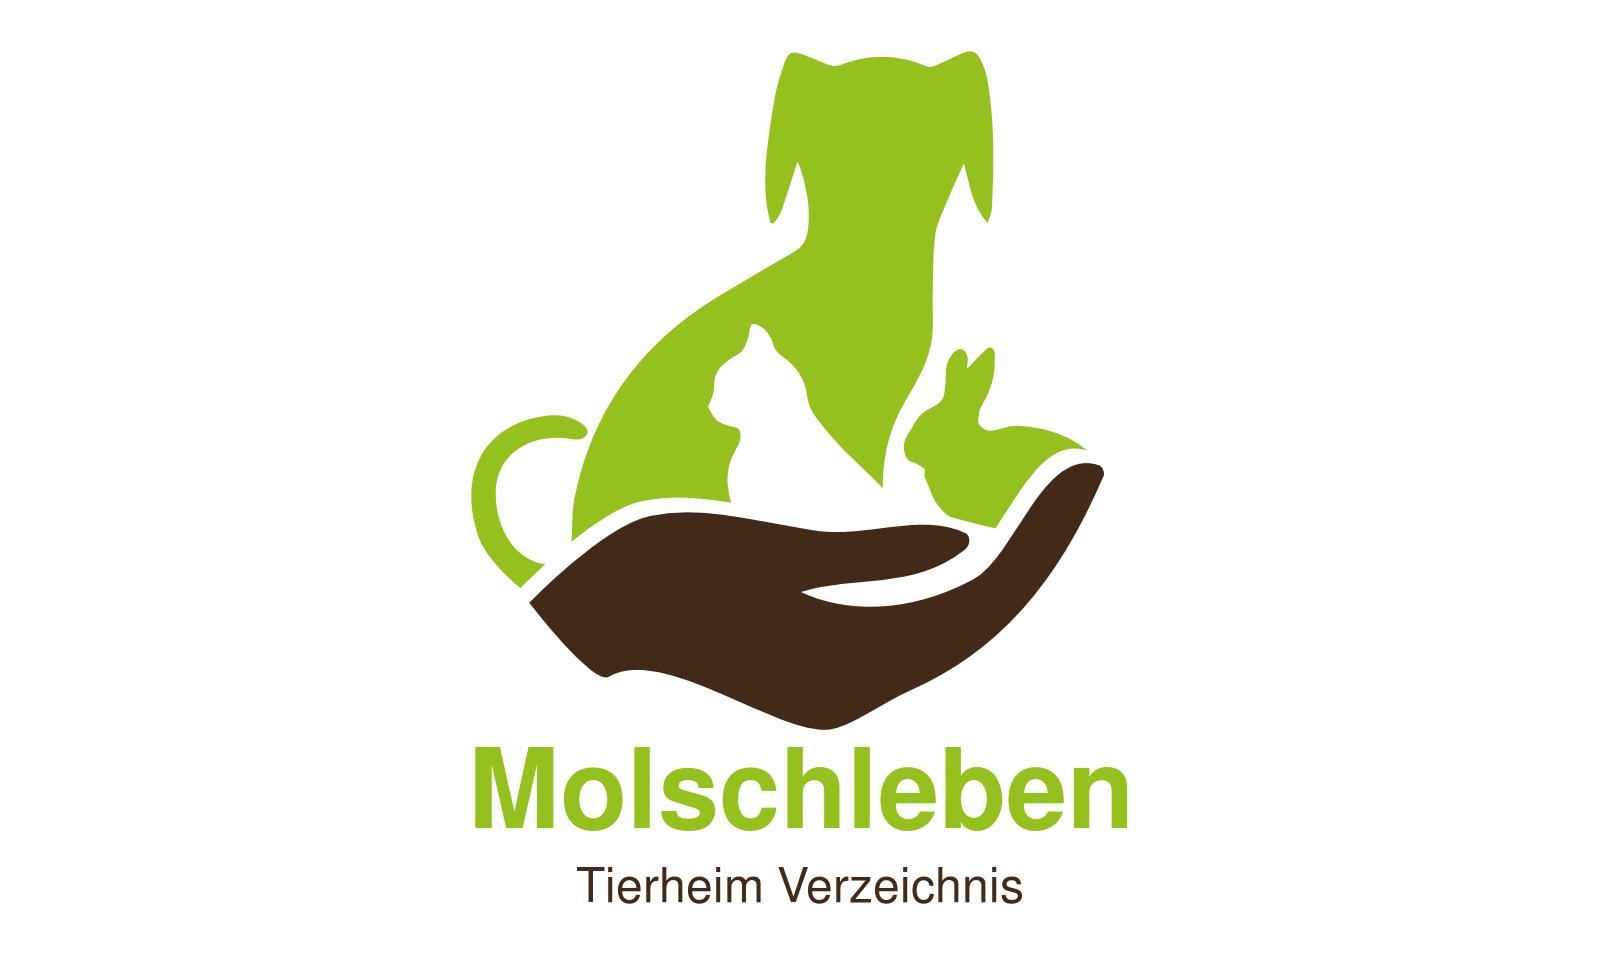 Tierheim Molschleben